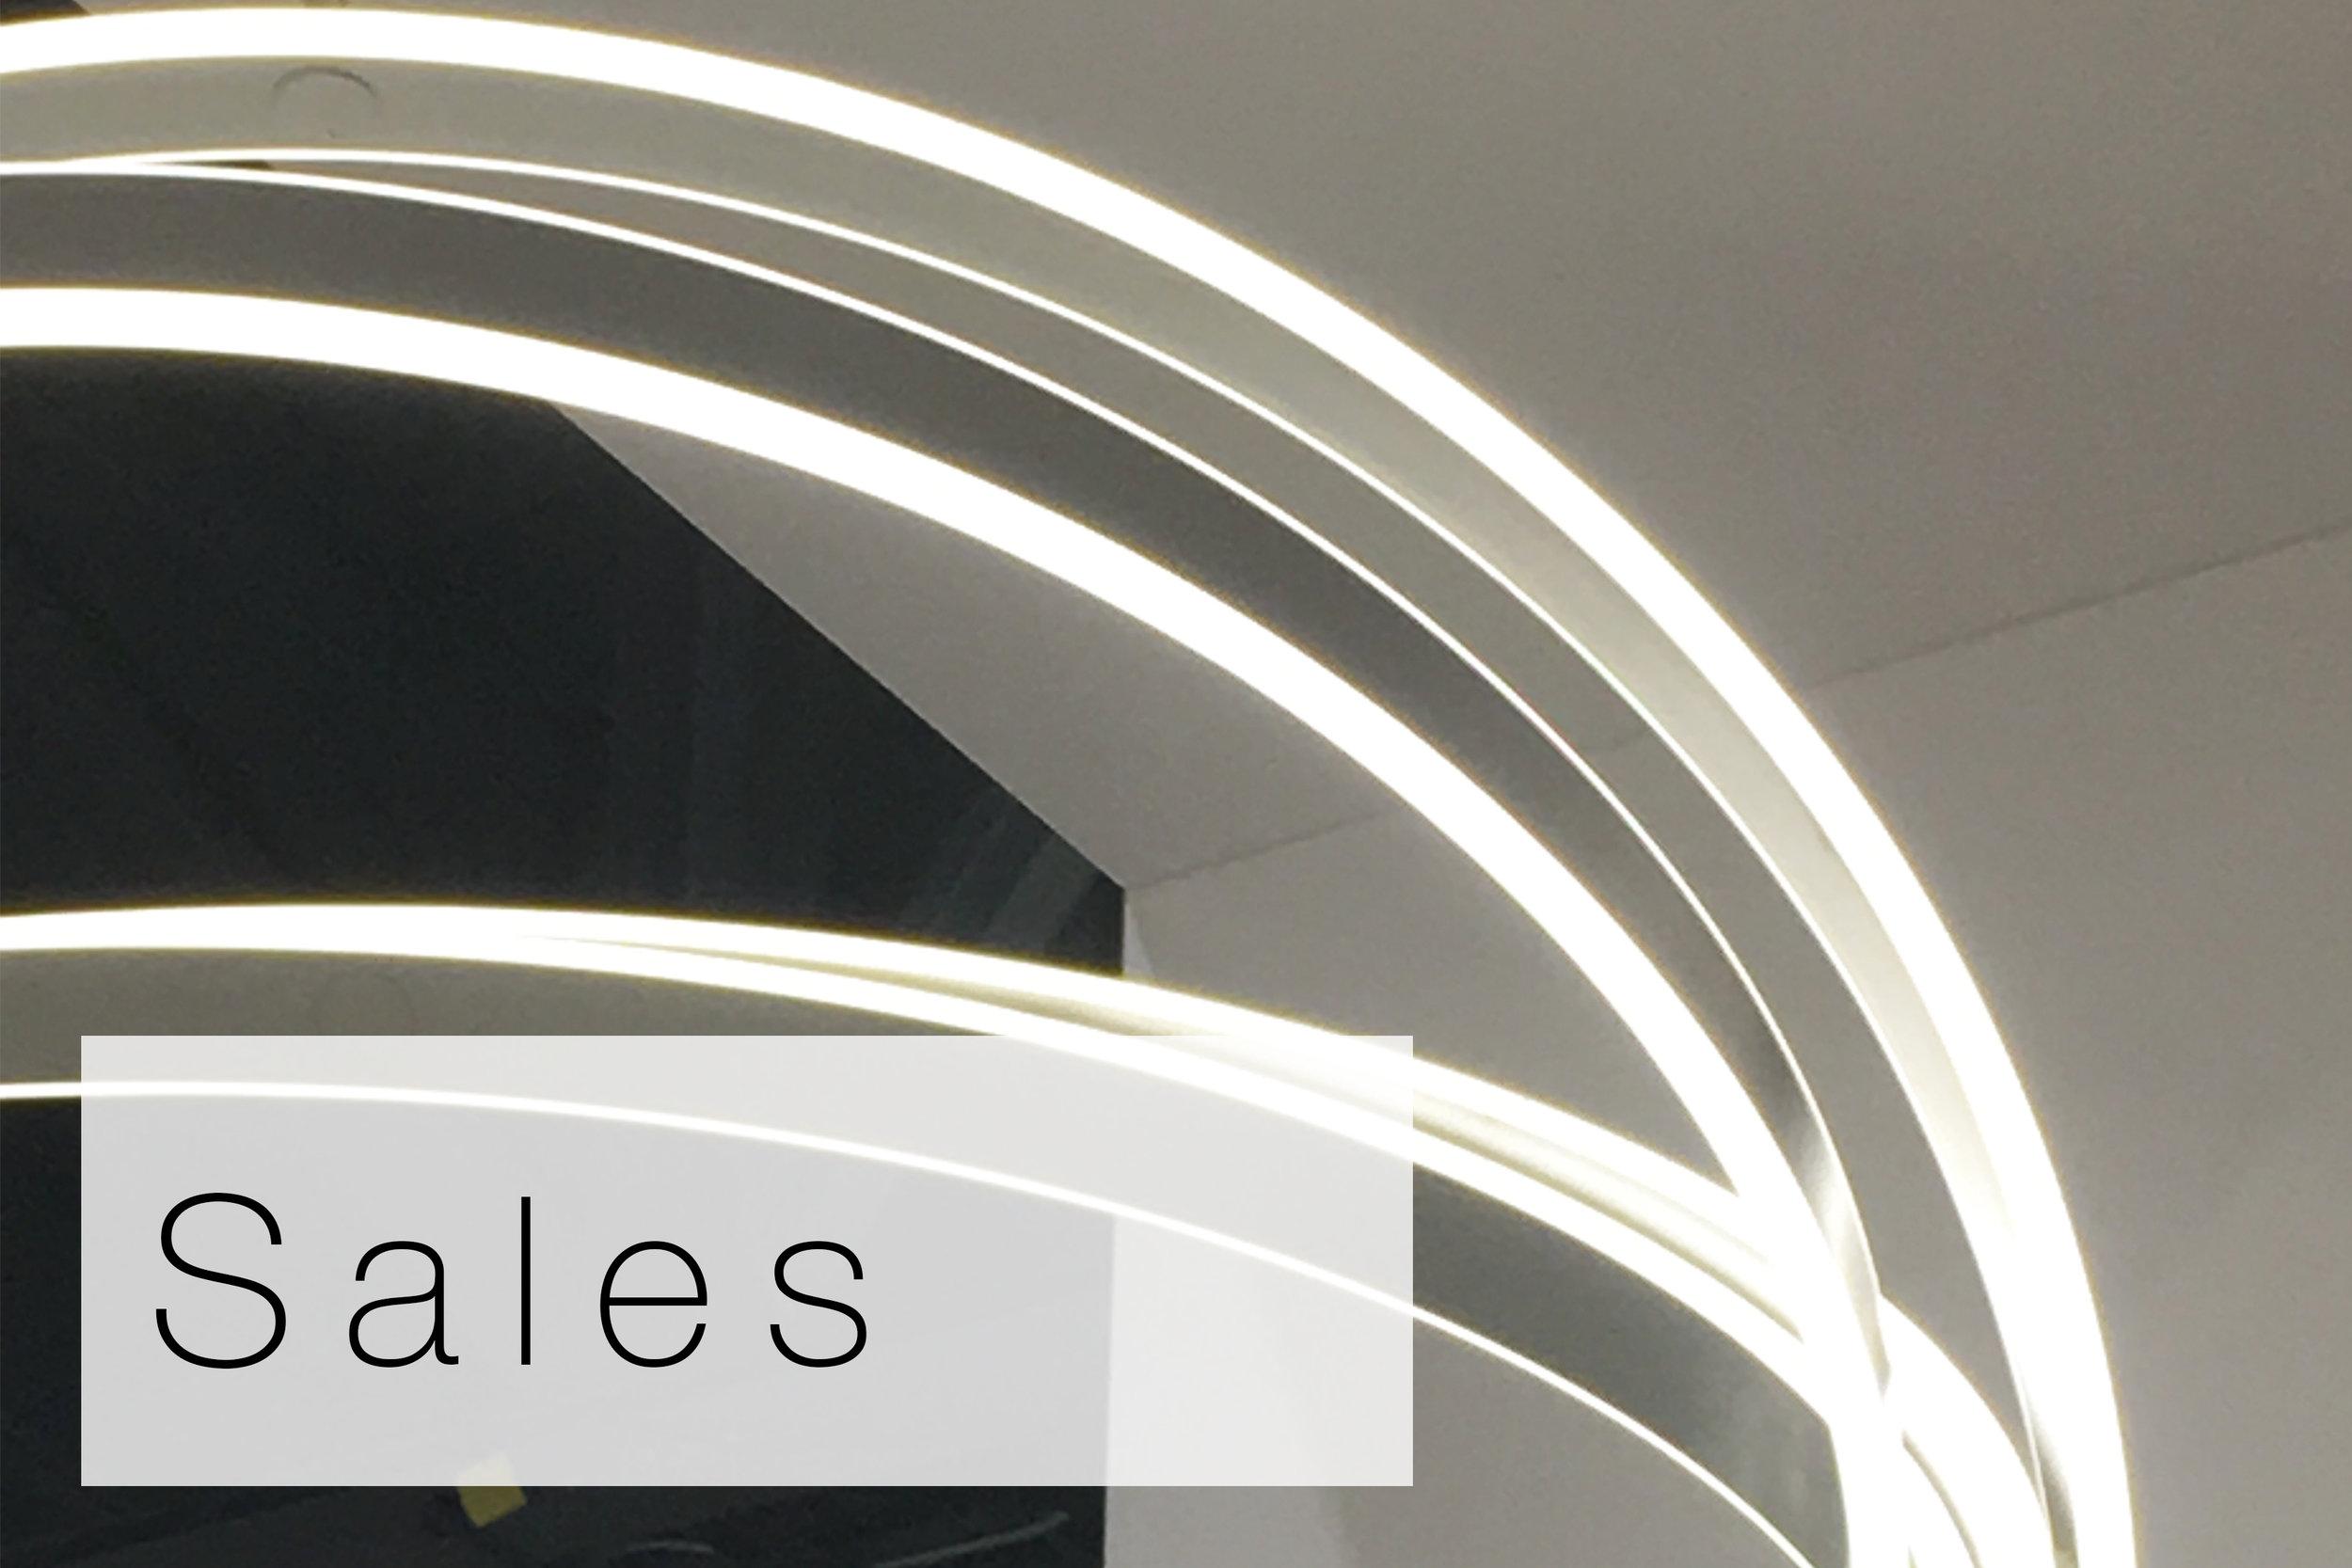 sales3.jpg